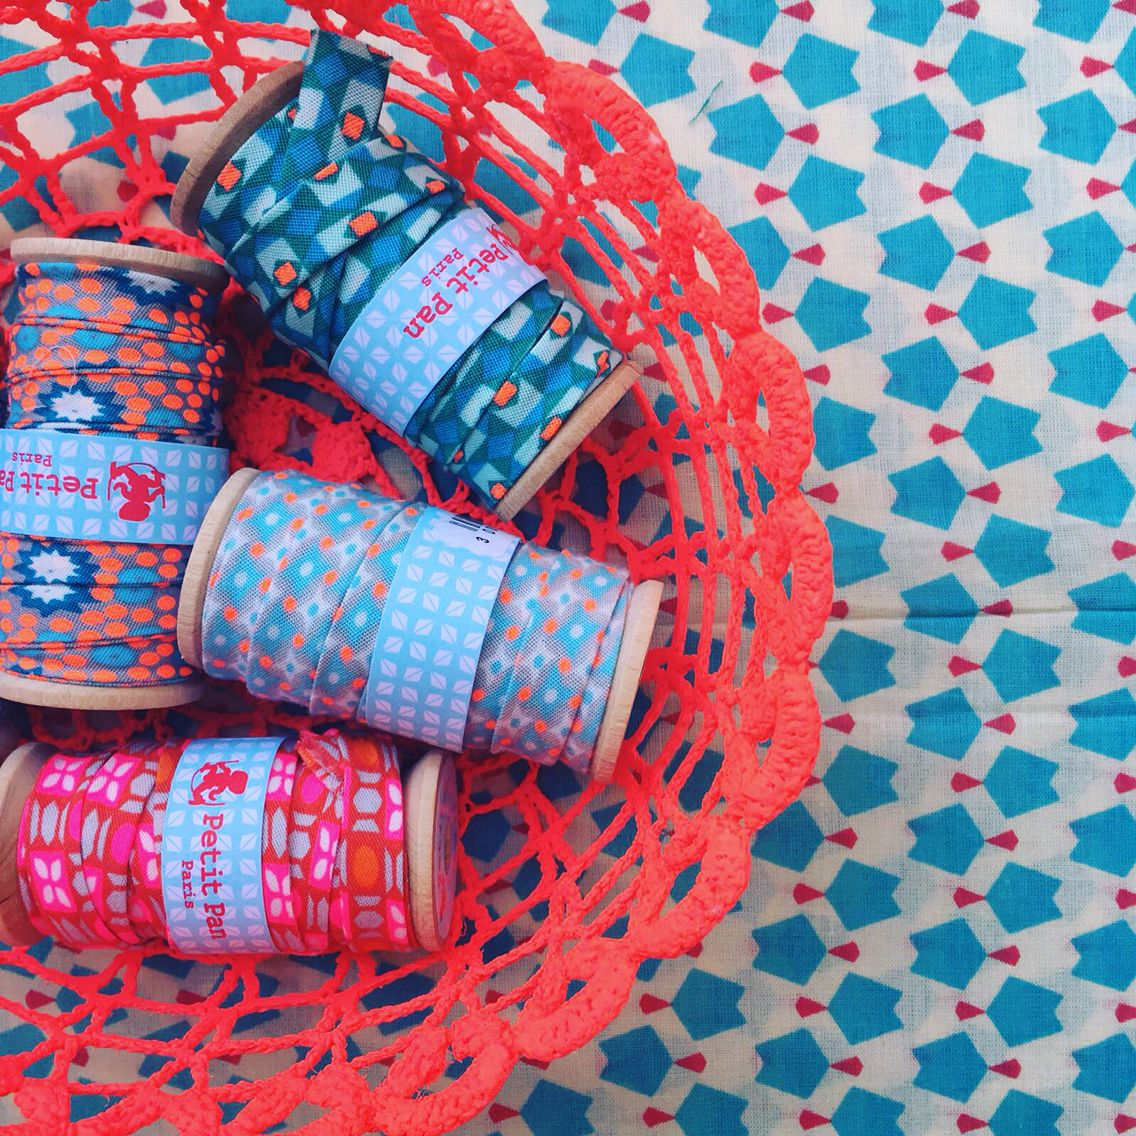 Tissu Ameublement Nantes Fabulous Tissu Tissu Tissu Tissu With